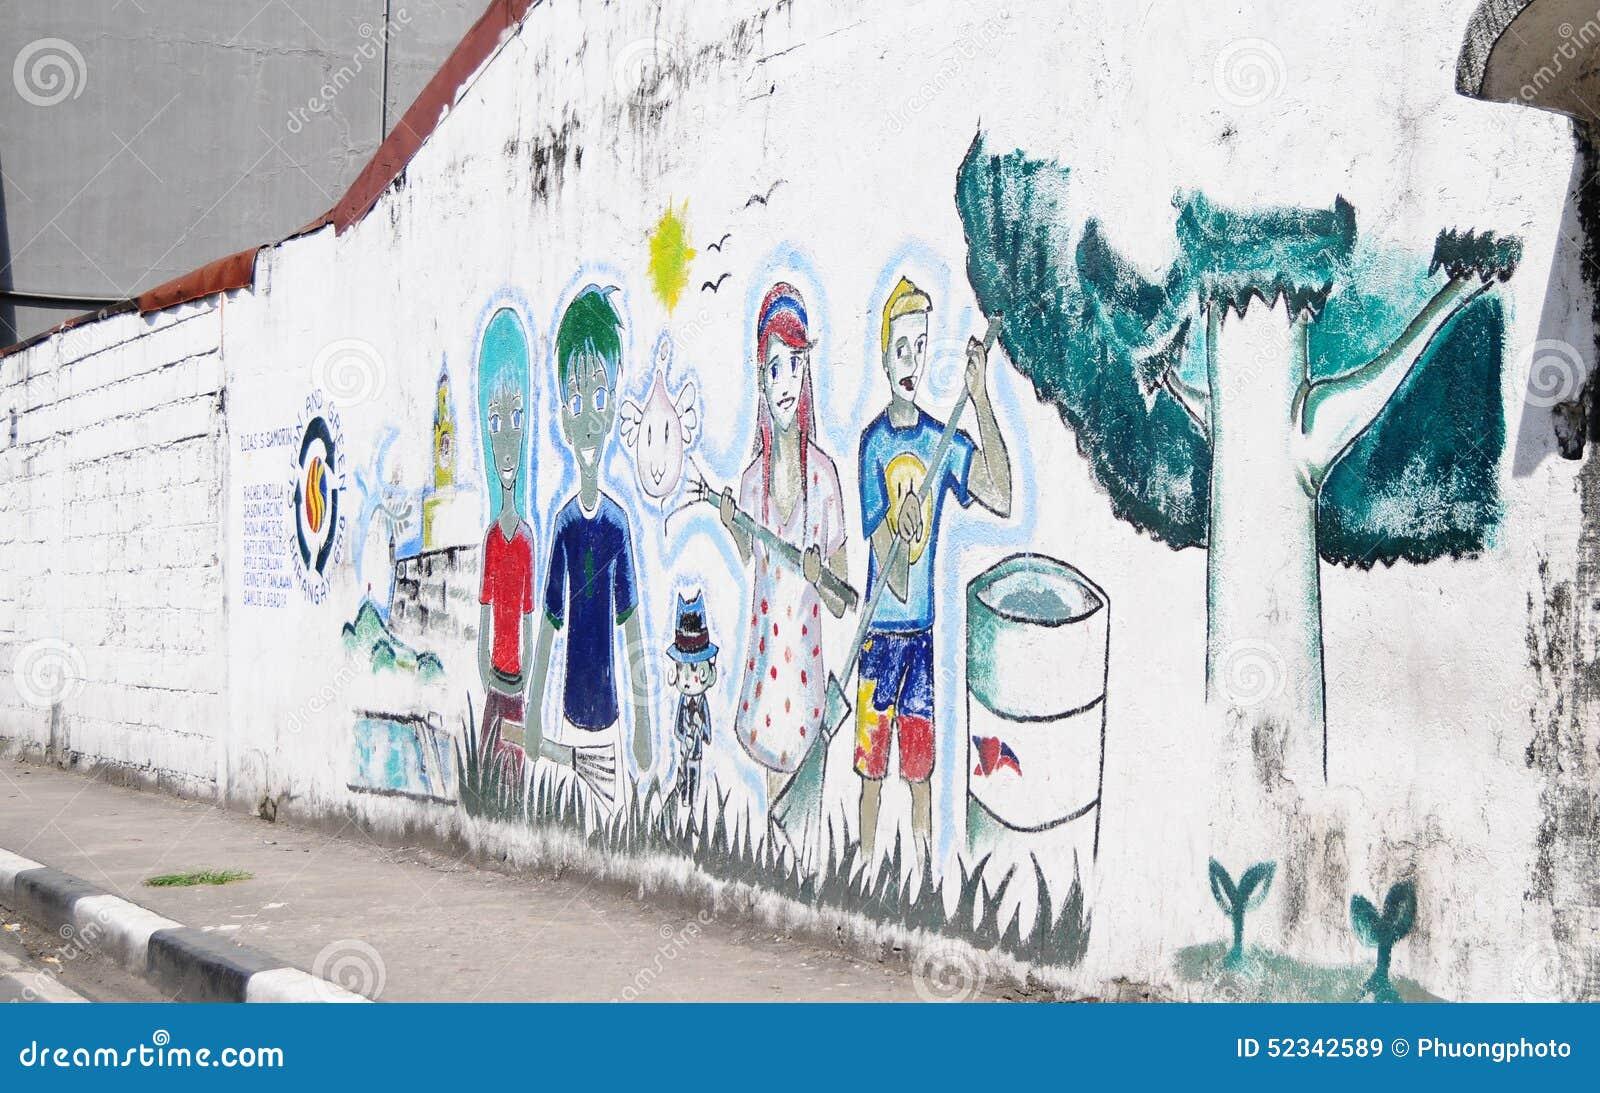 Las Pinturas Coloridas Y El Arte De La Calle Alinean Las Paredes - Pinturas-en-paredes